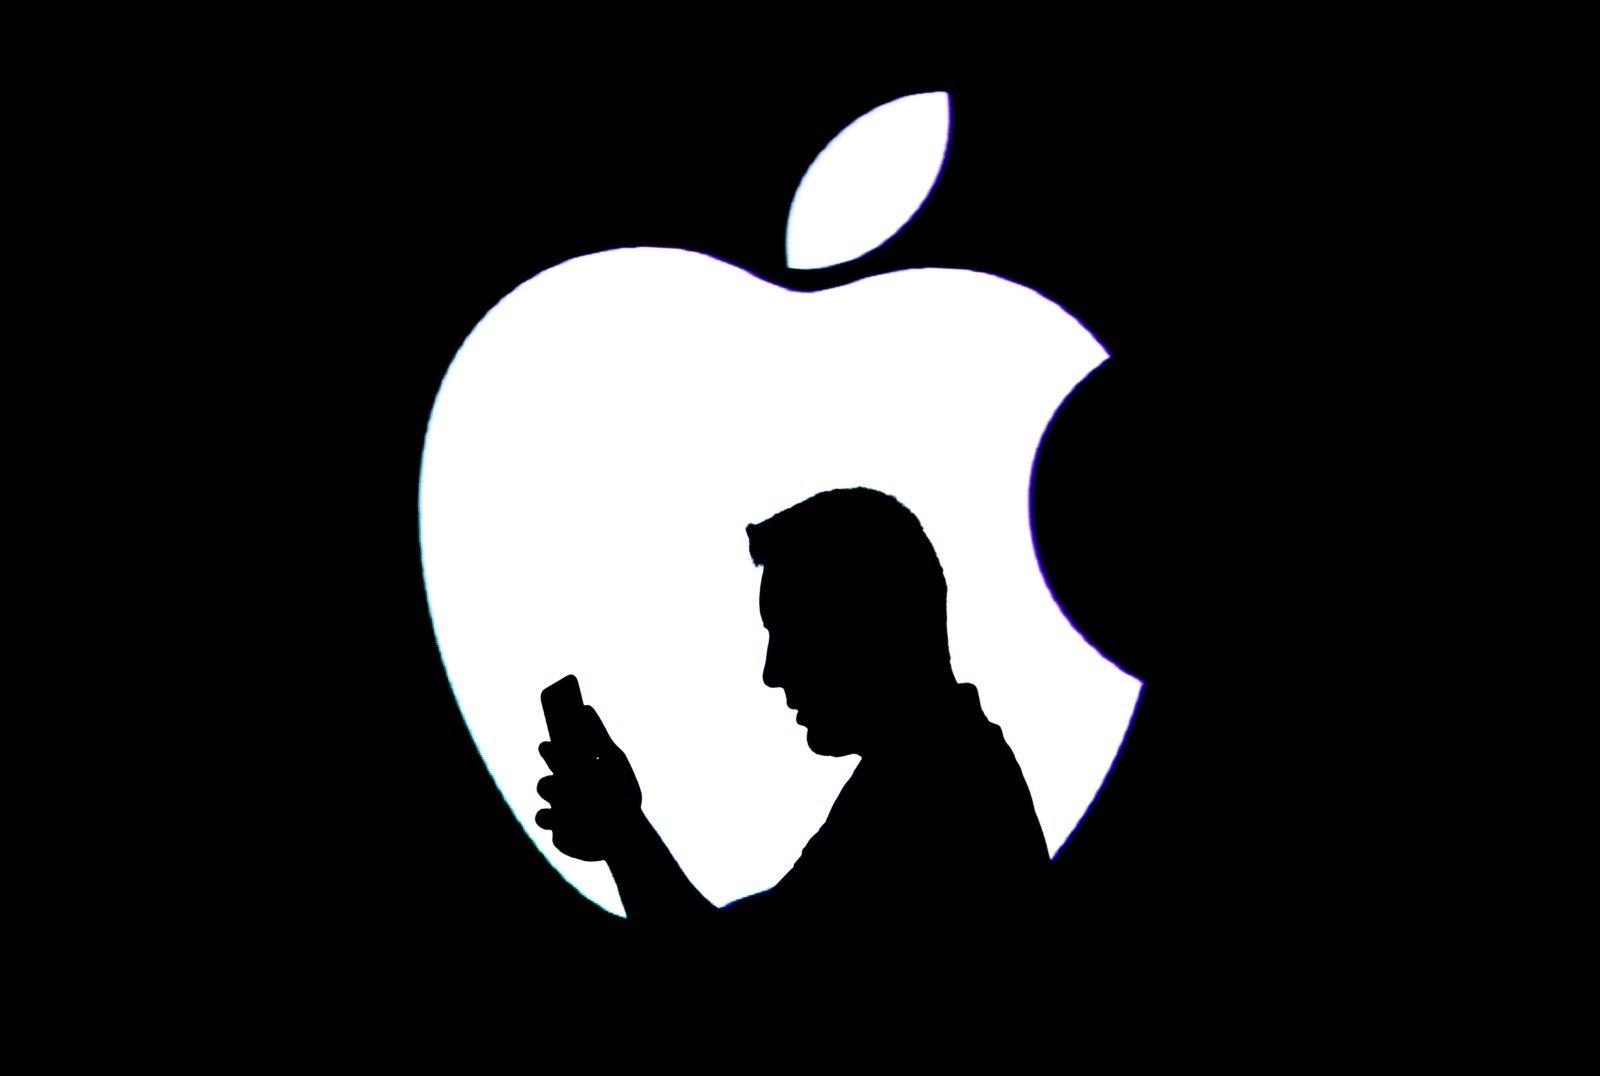 Apple расширила программу вознаграждения за найденные ошибки она включает больше программных платформ и увеличенные до $1 млн выплаты